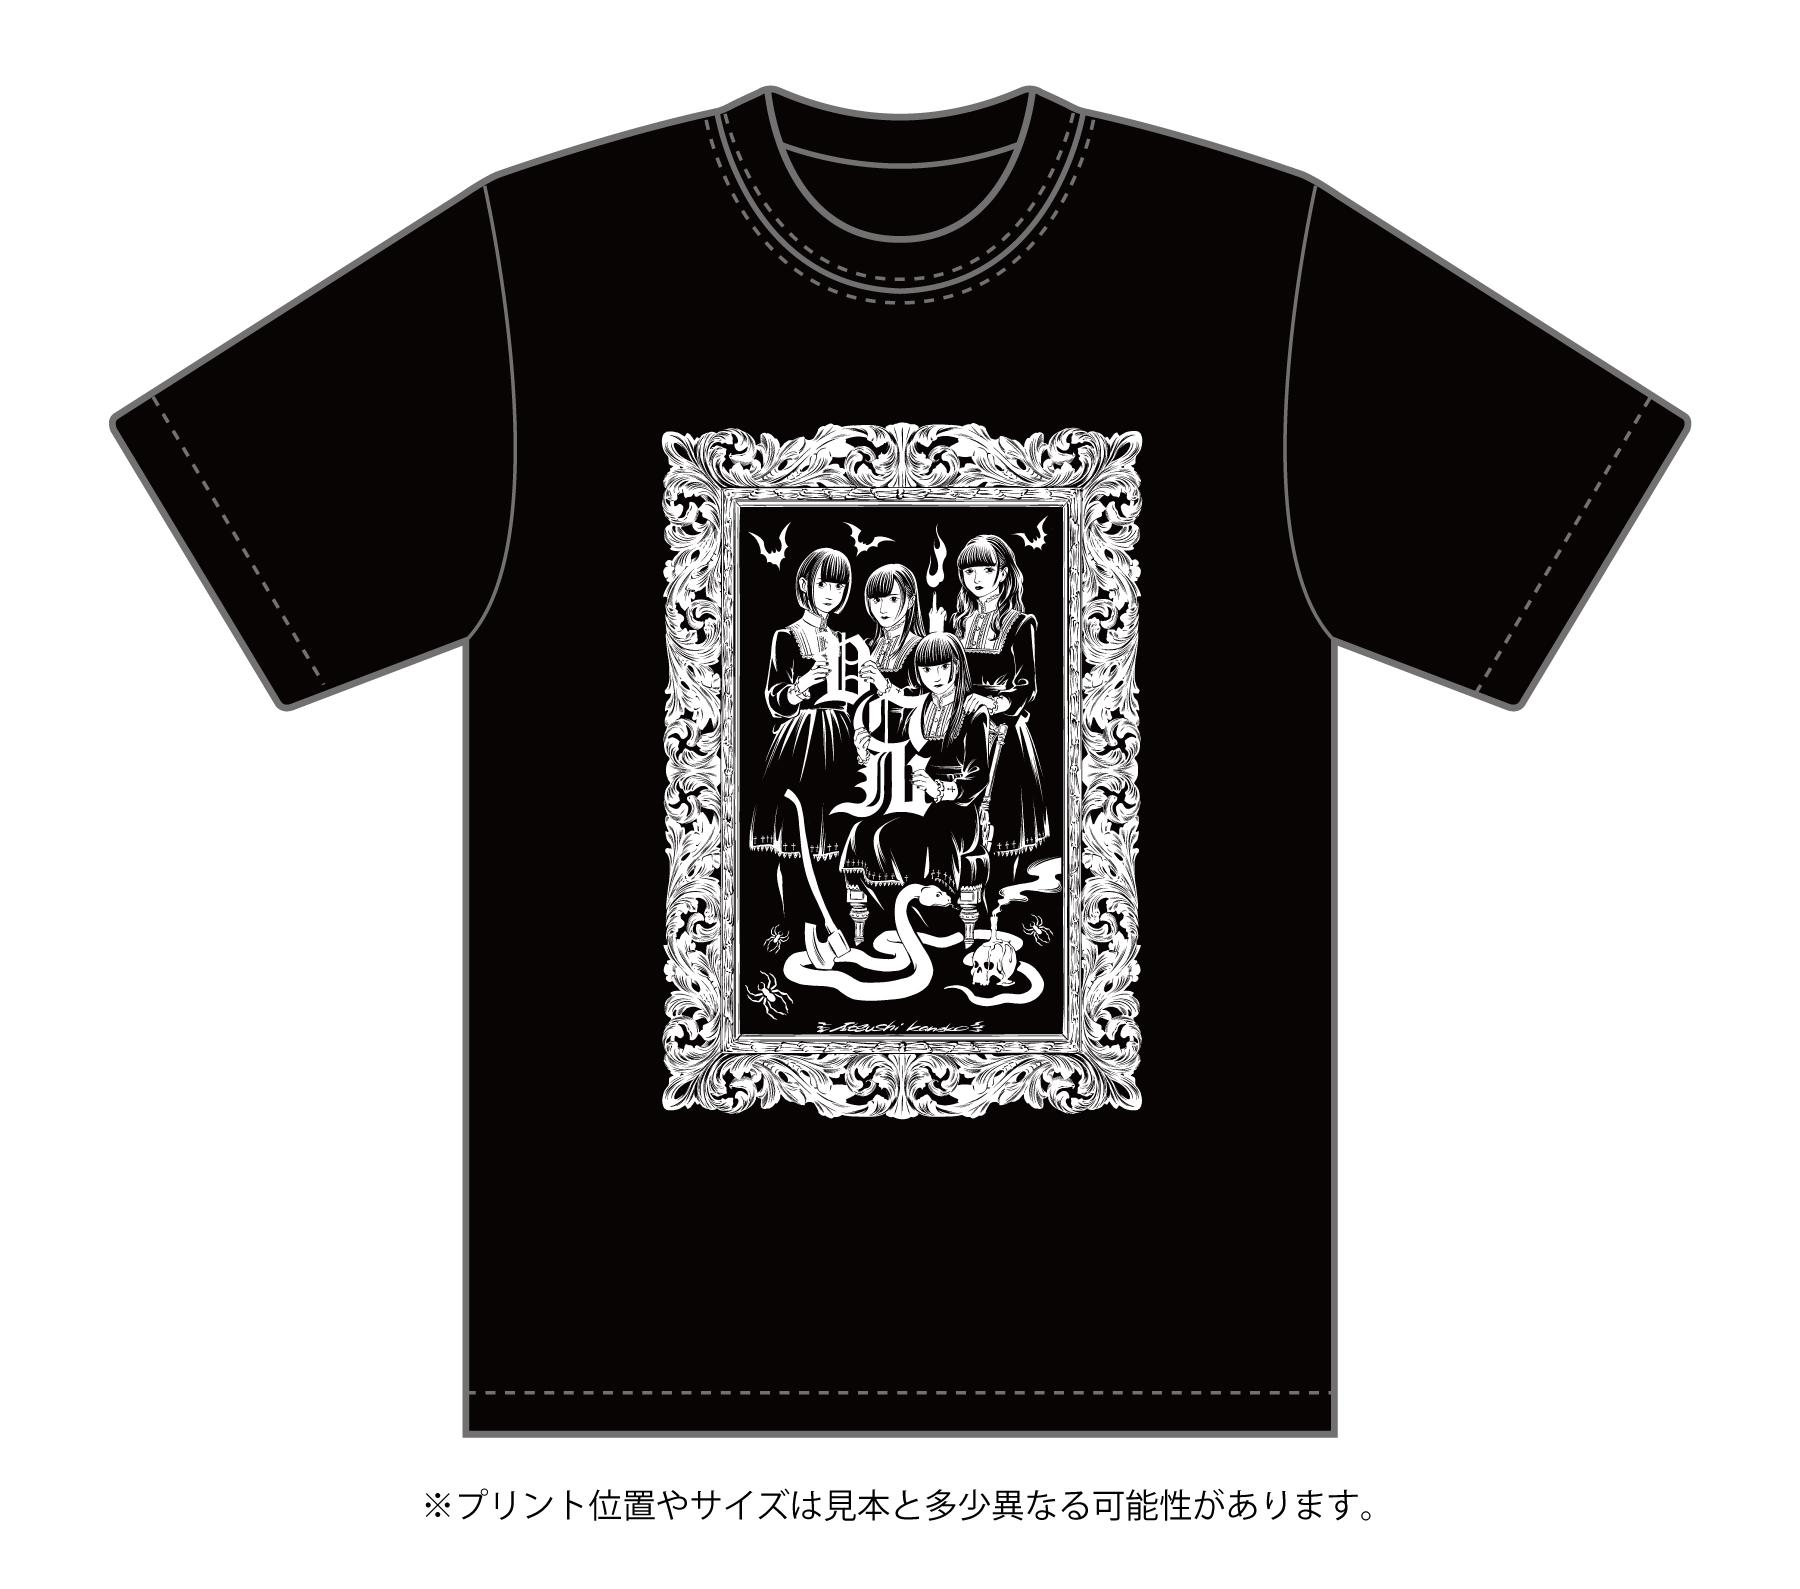 じゅじゅ×カネコアツシ コラボTシャツ